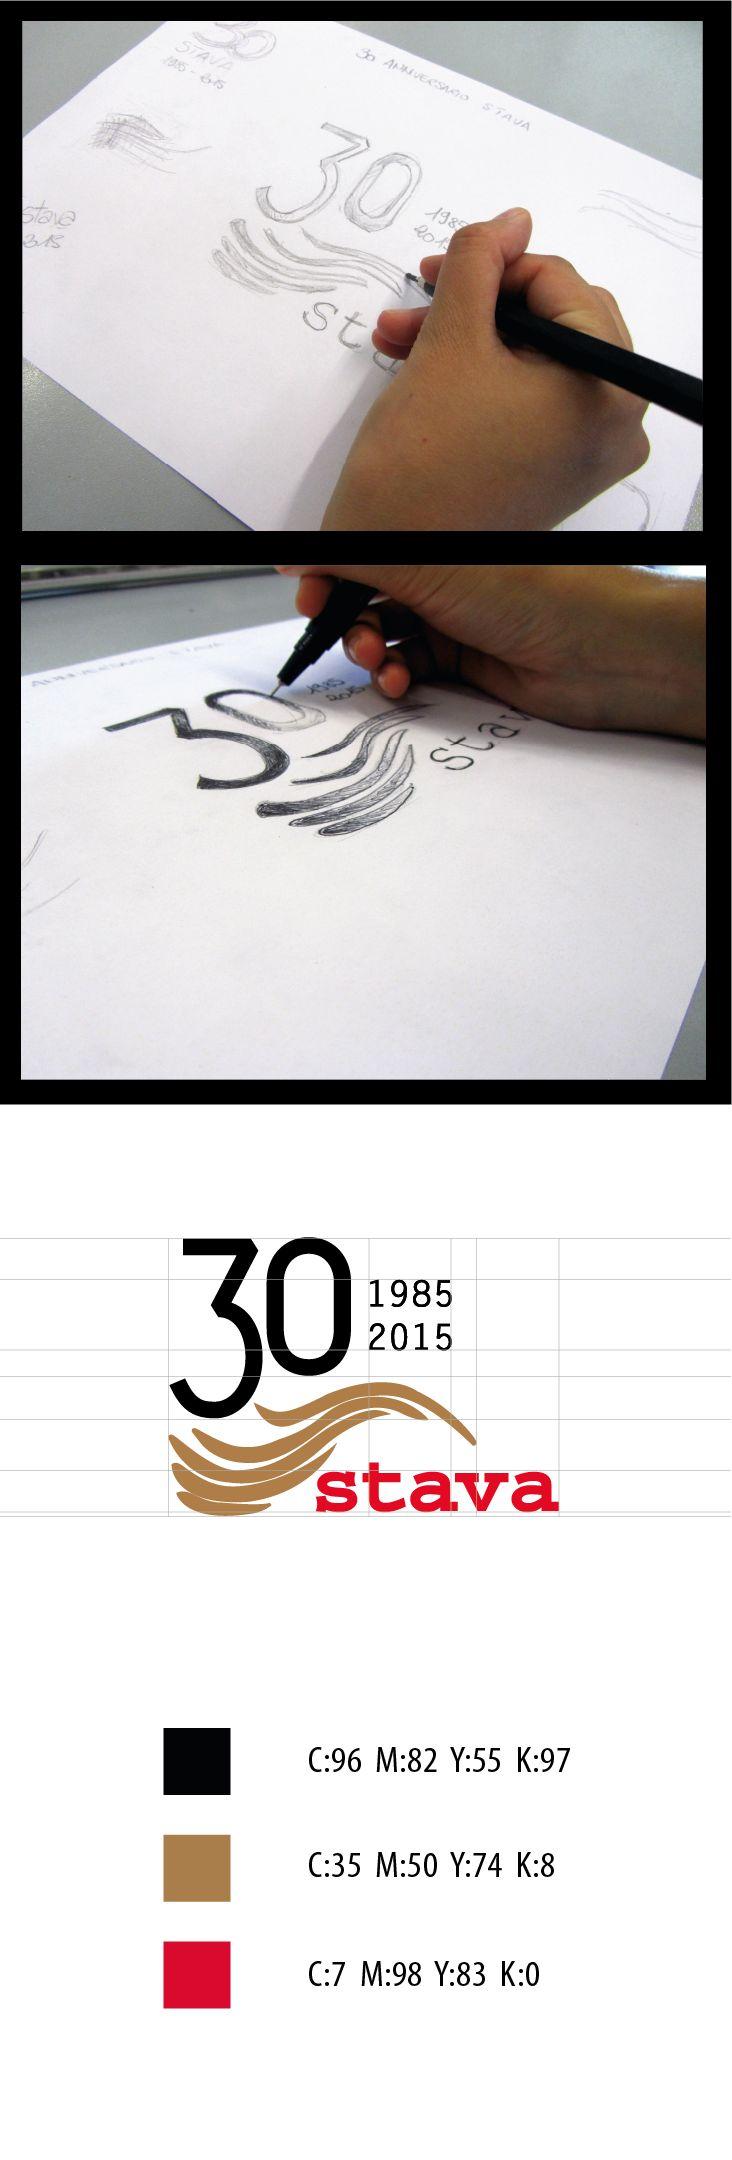 Processo di realizzazione del logo per il 30° anniversario della tragedia di Stava